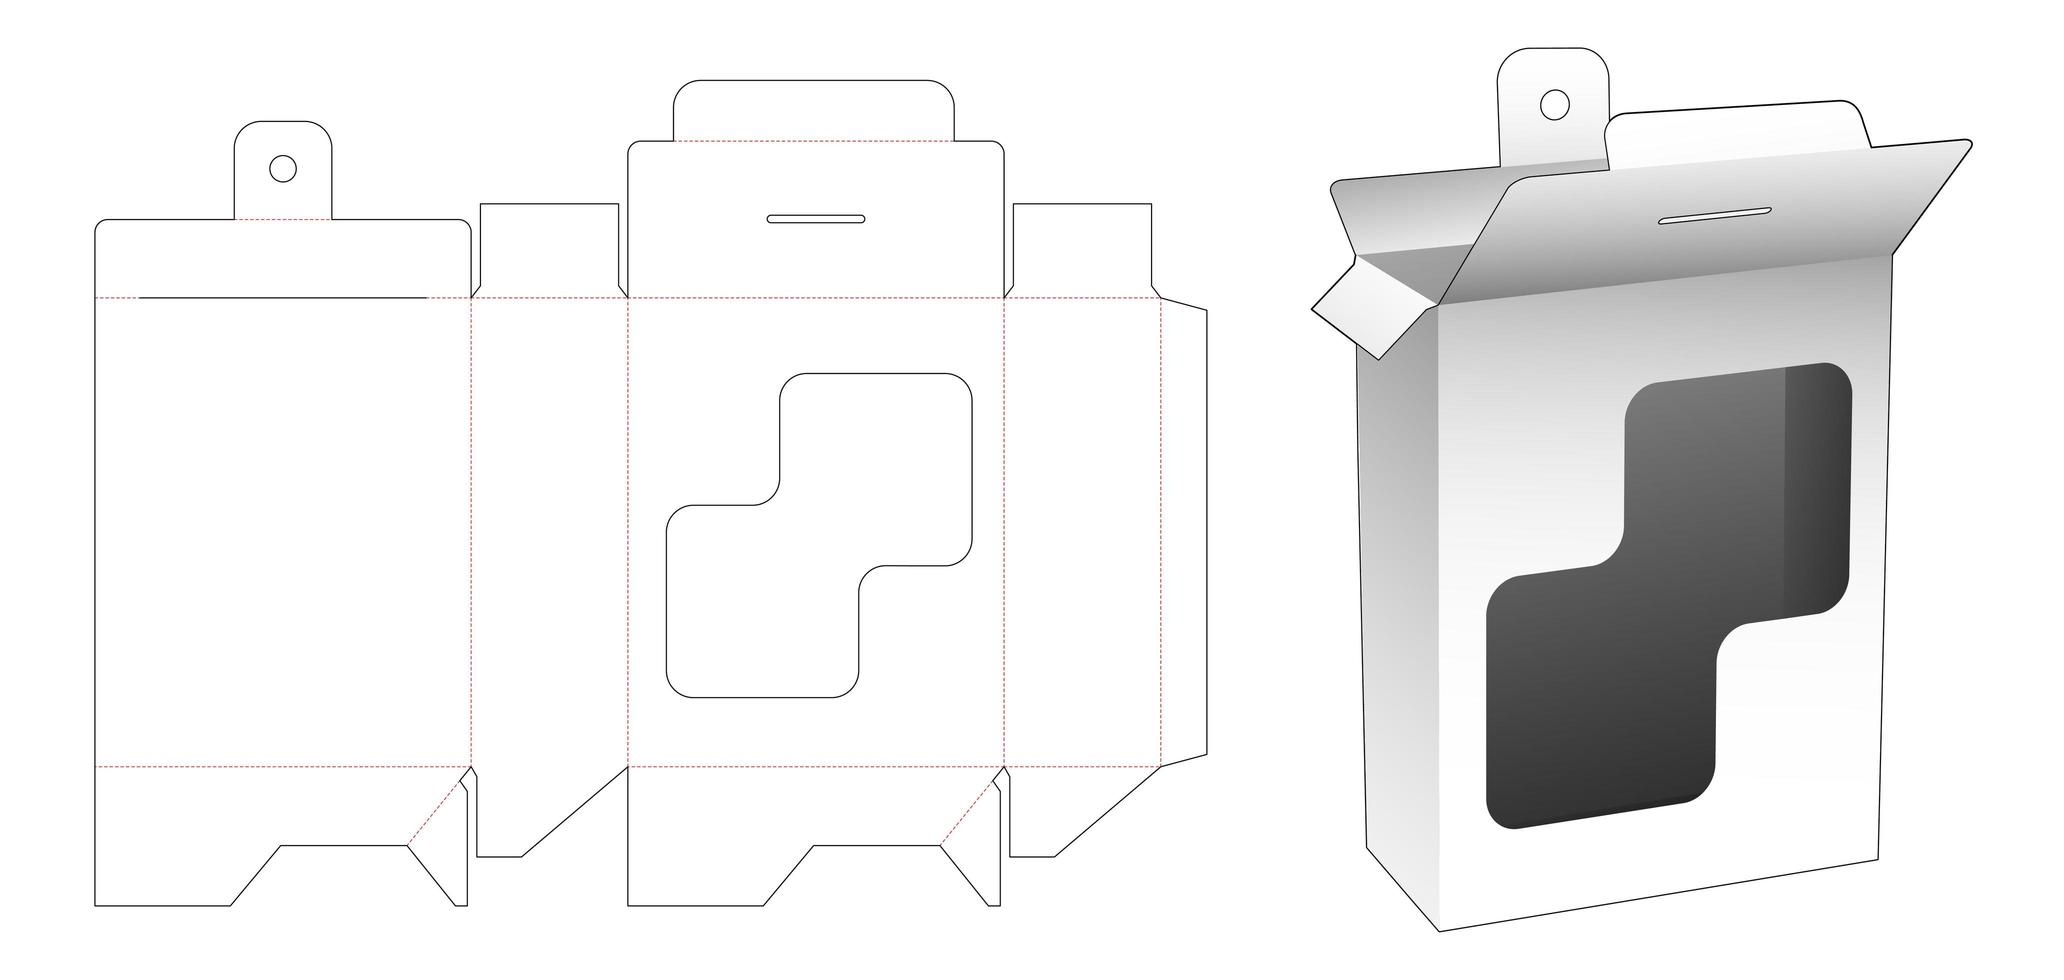 caja rectangular colgante con ventana rectangular vector